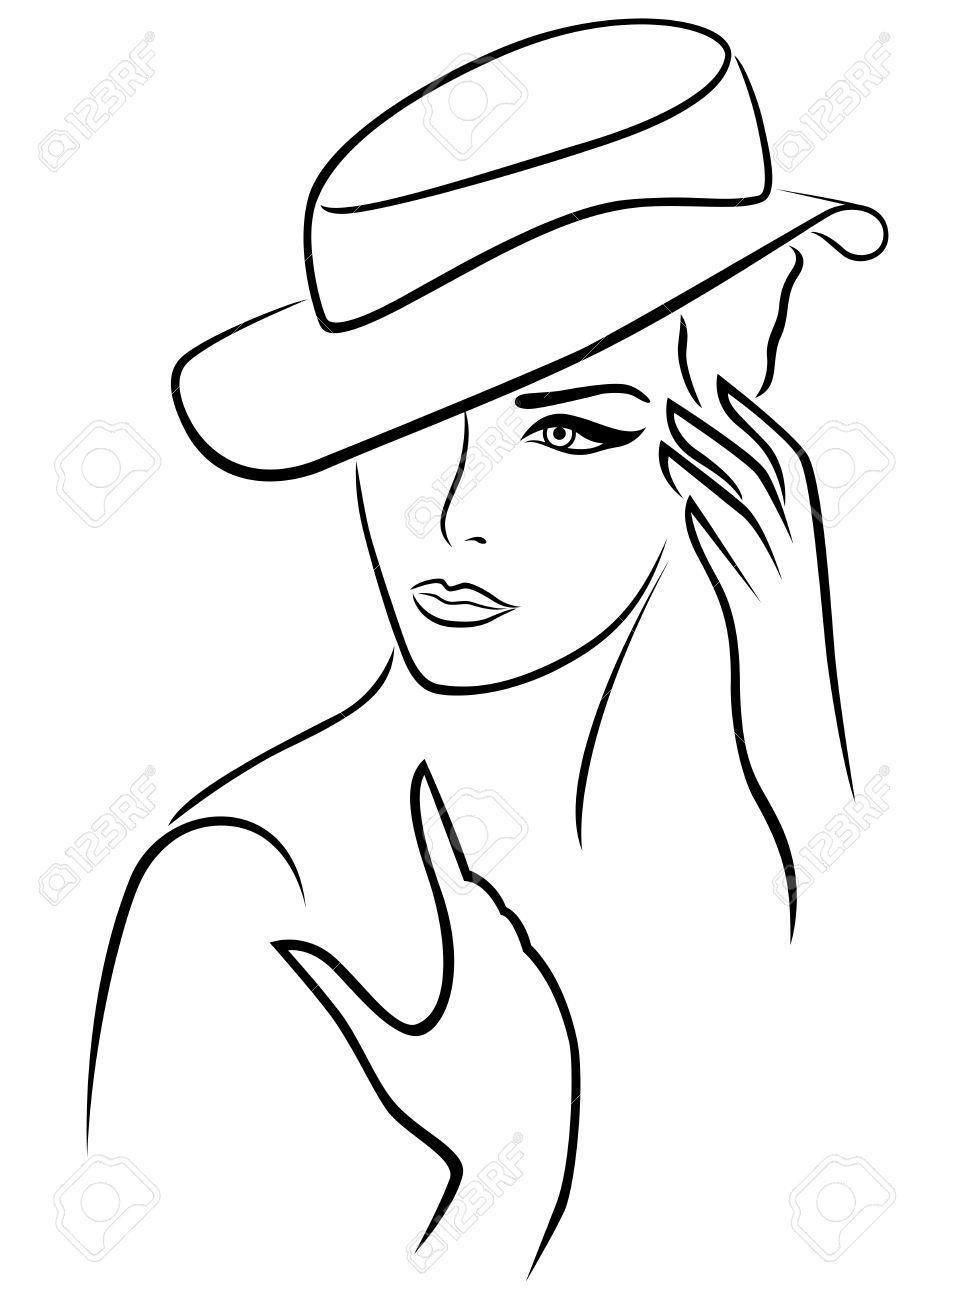 Elégante Jeune Femme Dans Un Chapeau La Main Dessin Noir Vecteur Contour Sur Un Fond Blanc